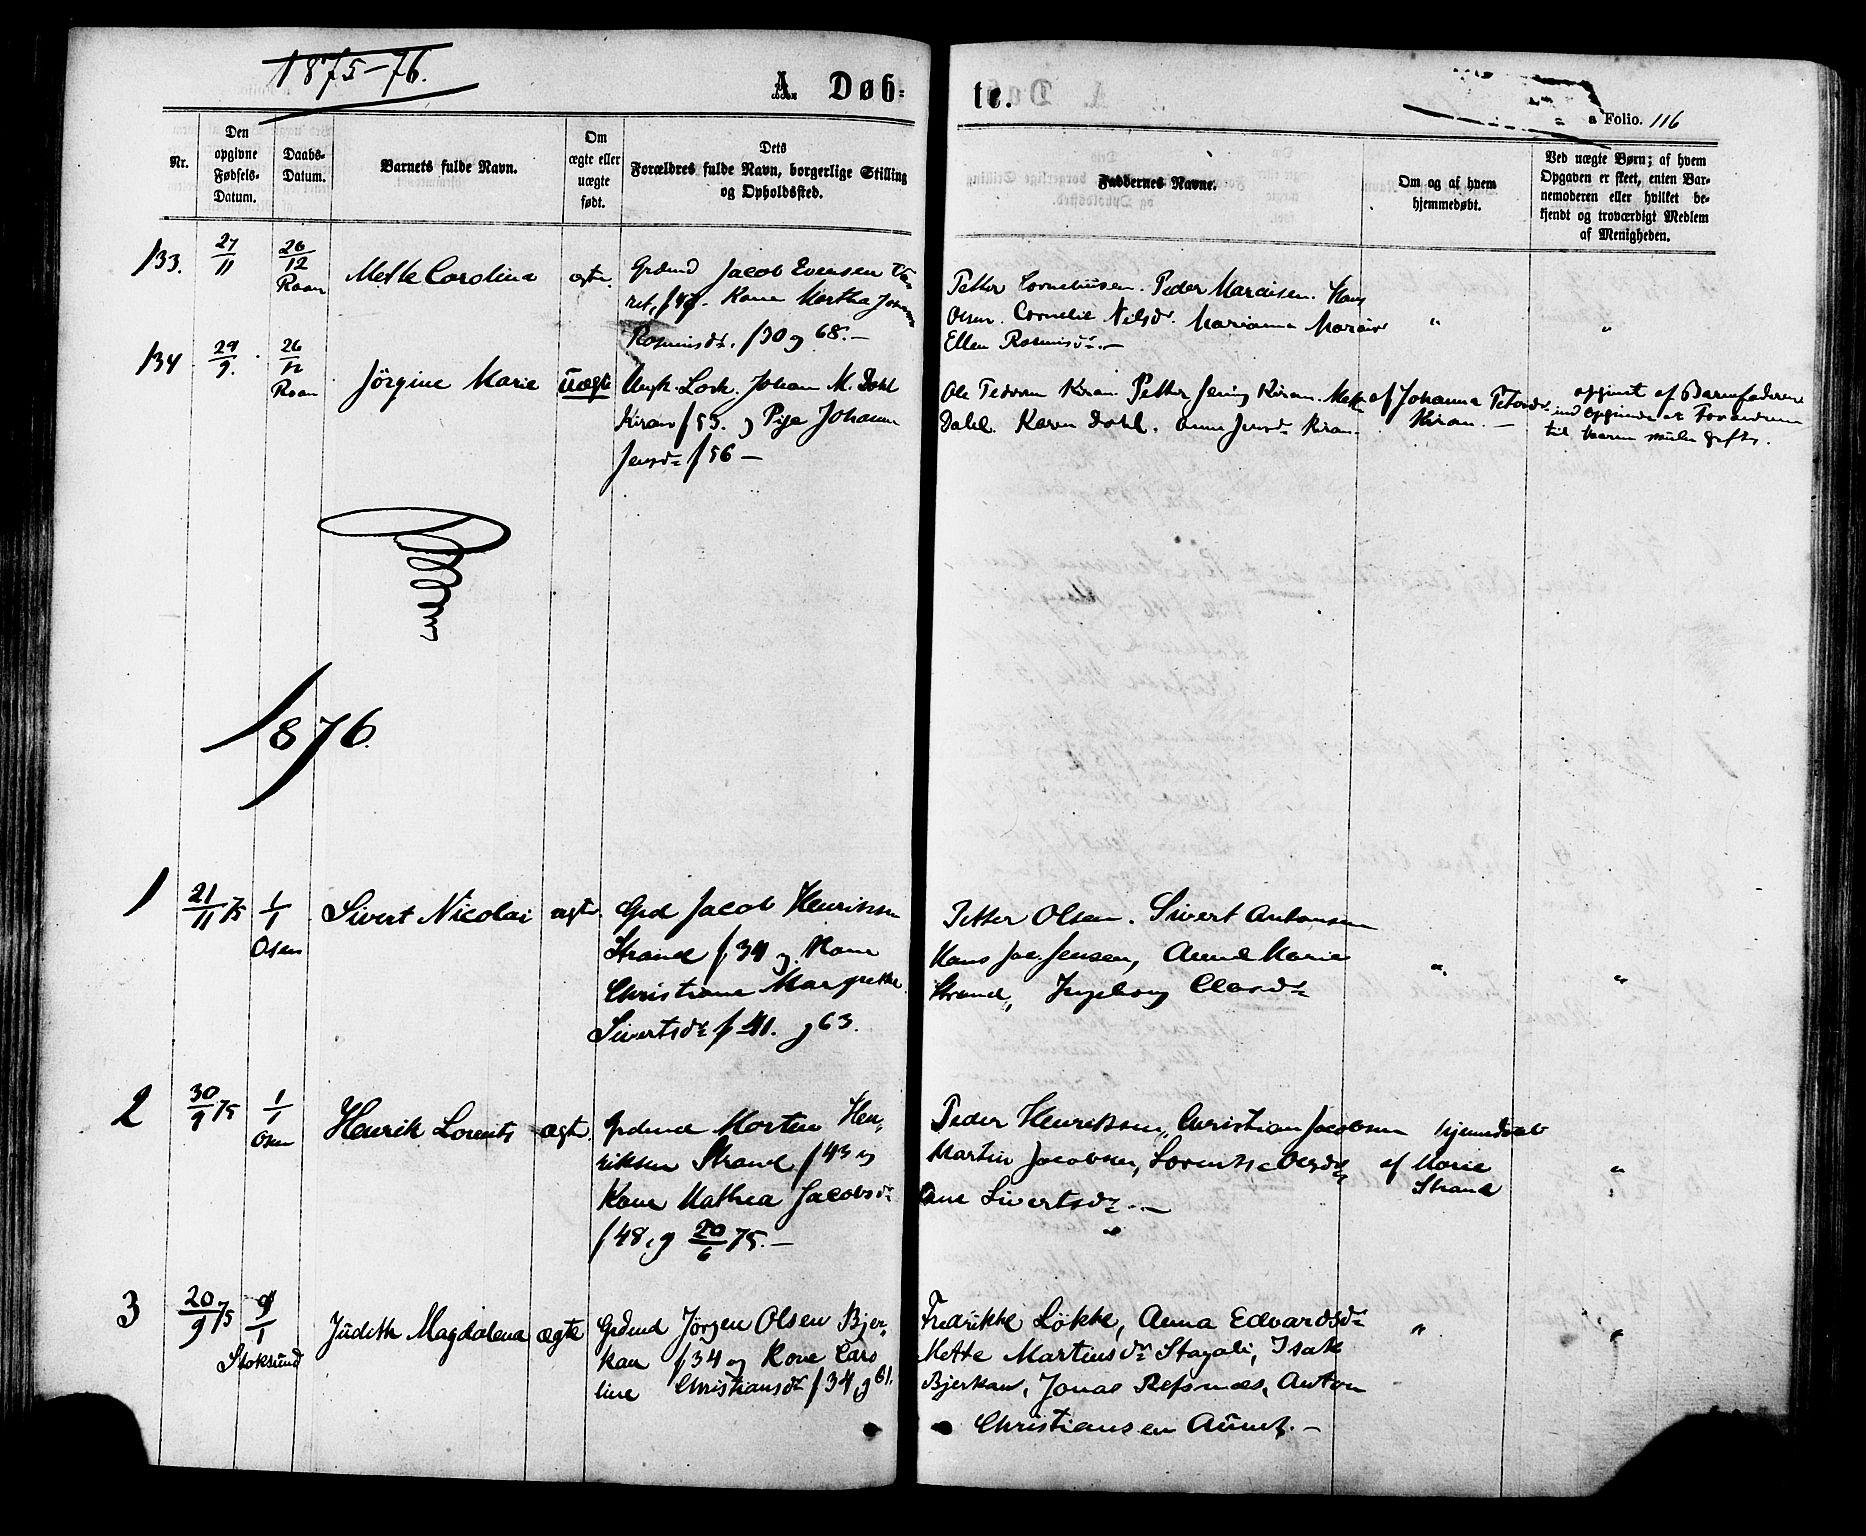 SAT, Ministerialprotokoller, klokkerbøker og fødselsregistre - Sør-Trøndelag, 657/L0706: Ministerialbok nr. 657A07, 1867-1878, s. 116